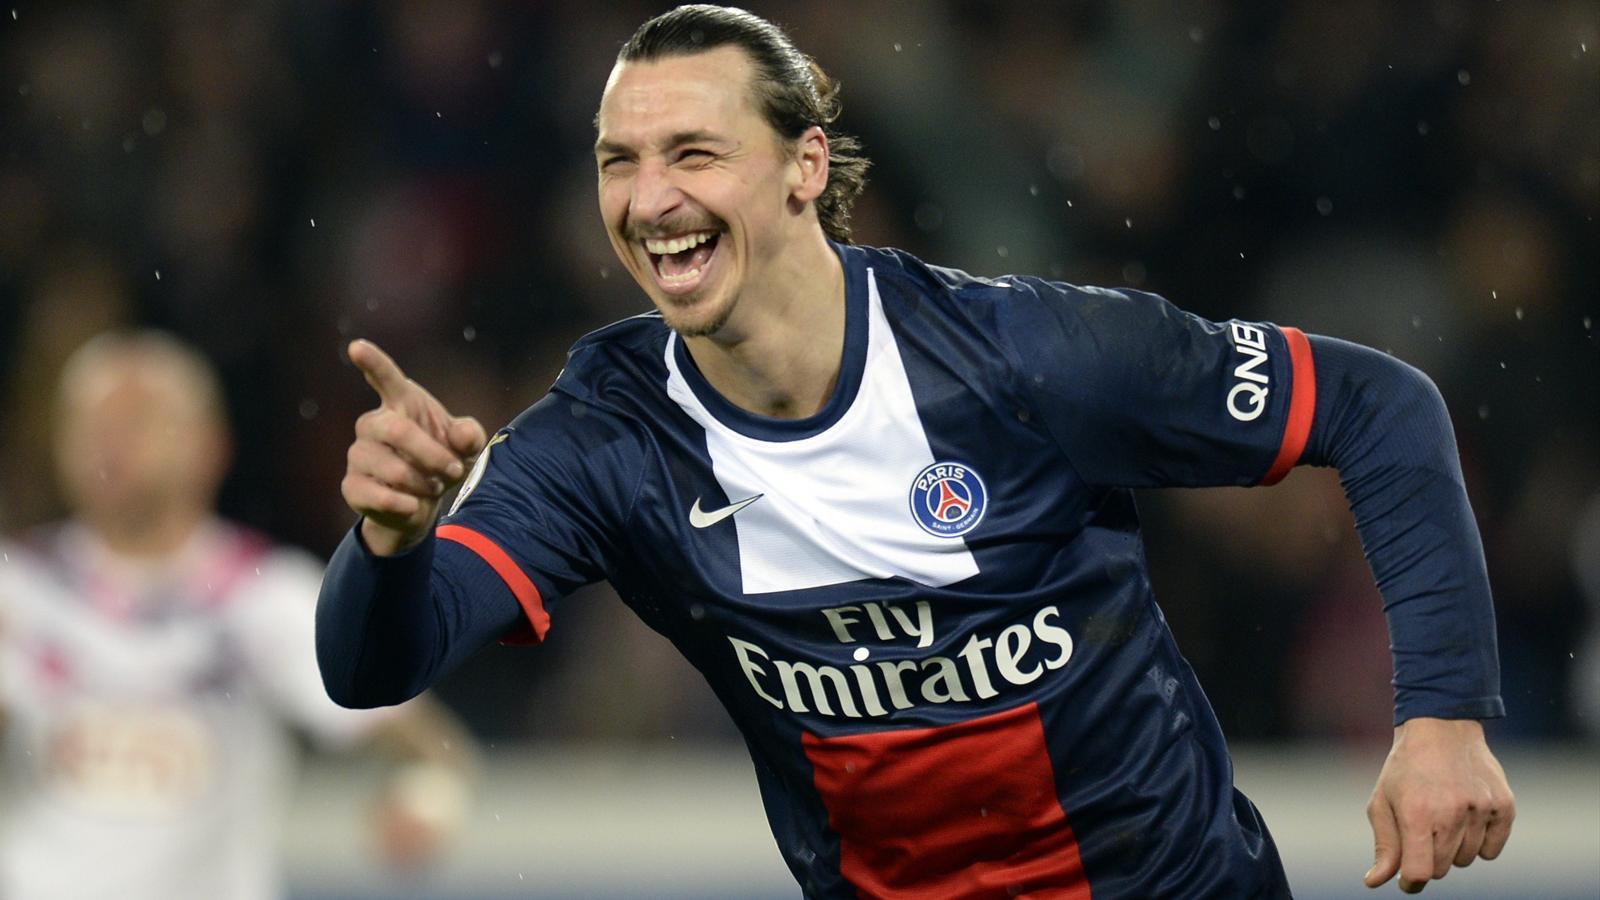 Quarts de finale, Ligue des champions : Le PSG confronté aux quarts les plus relevés de l'histoire